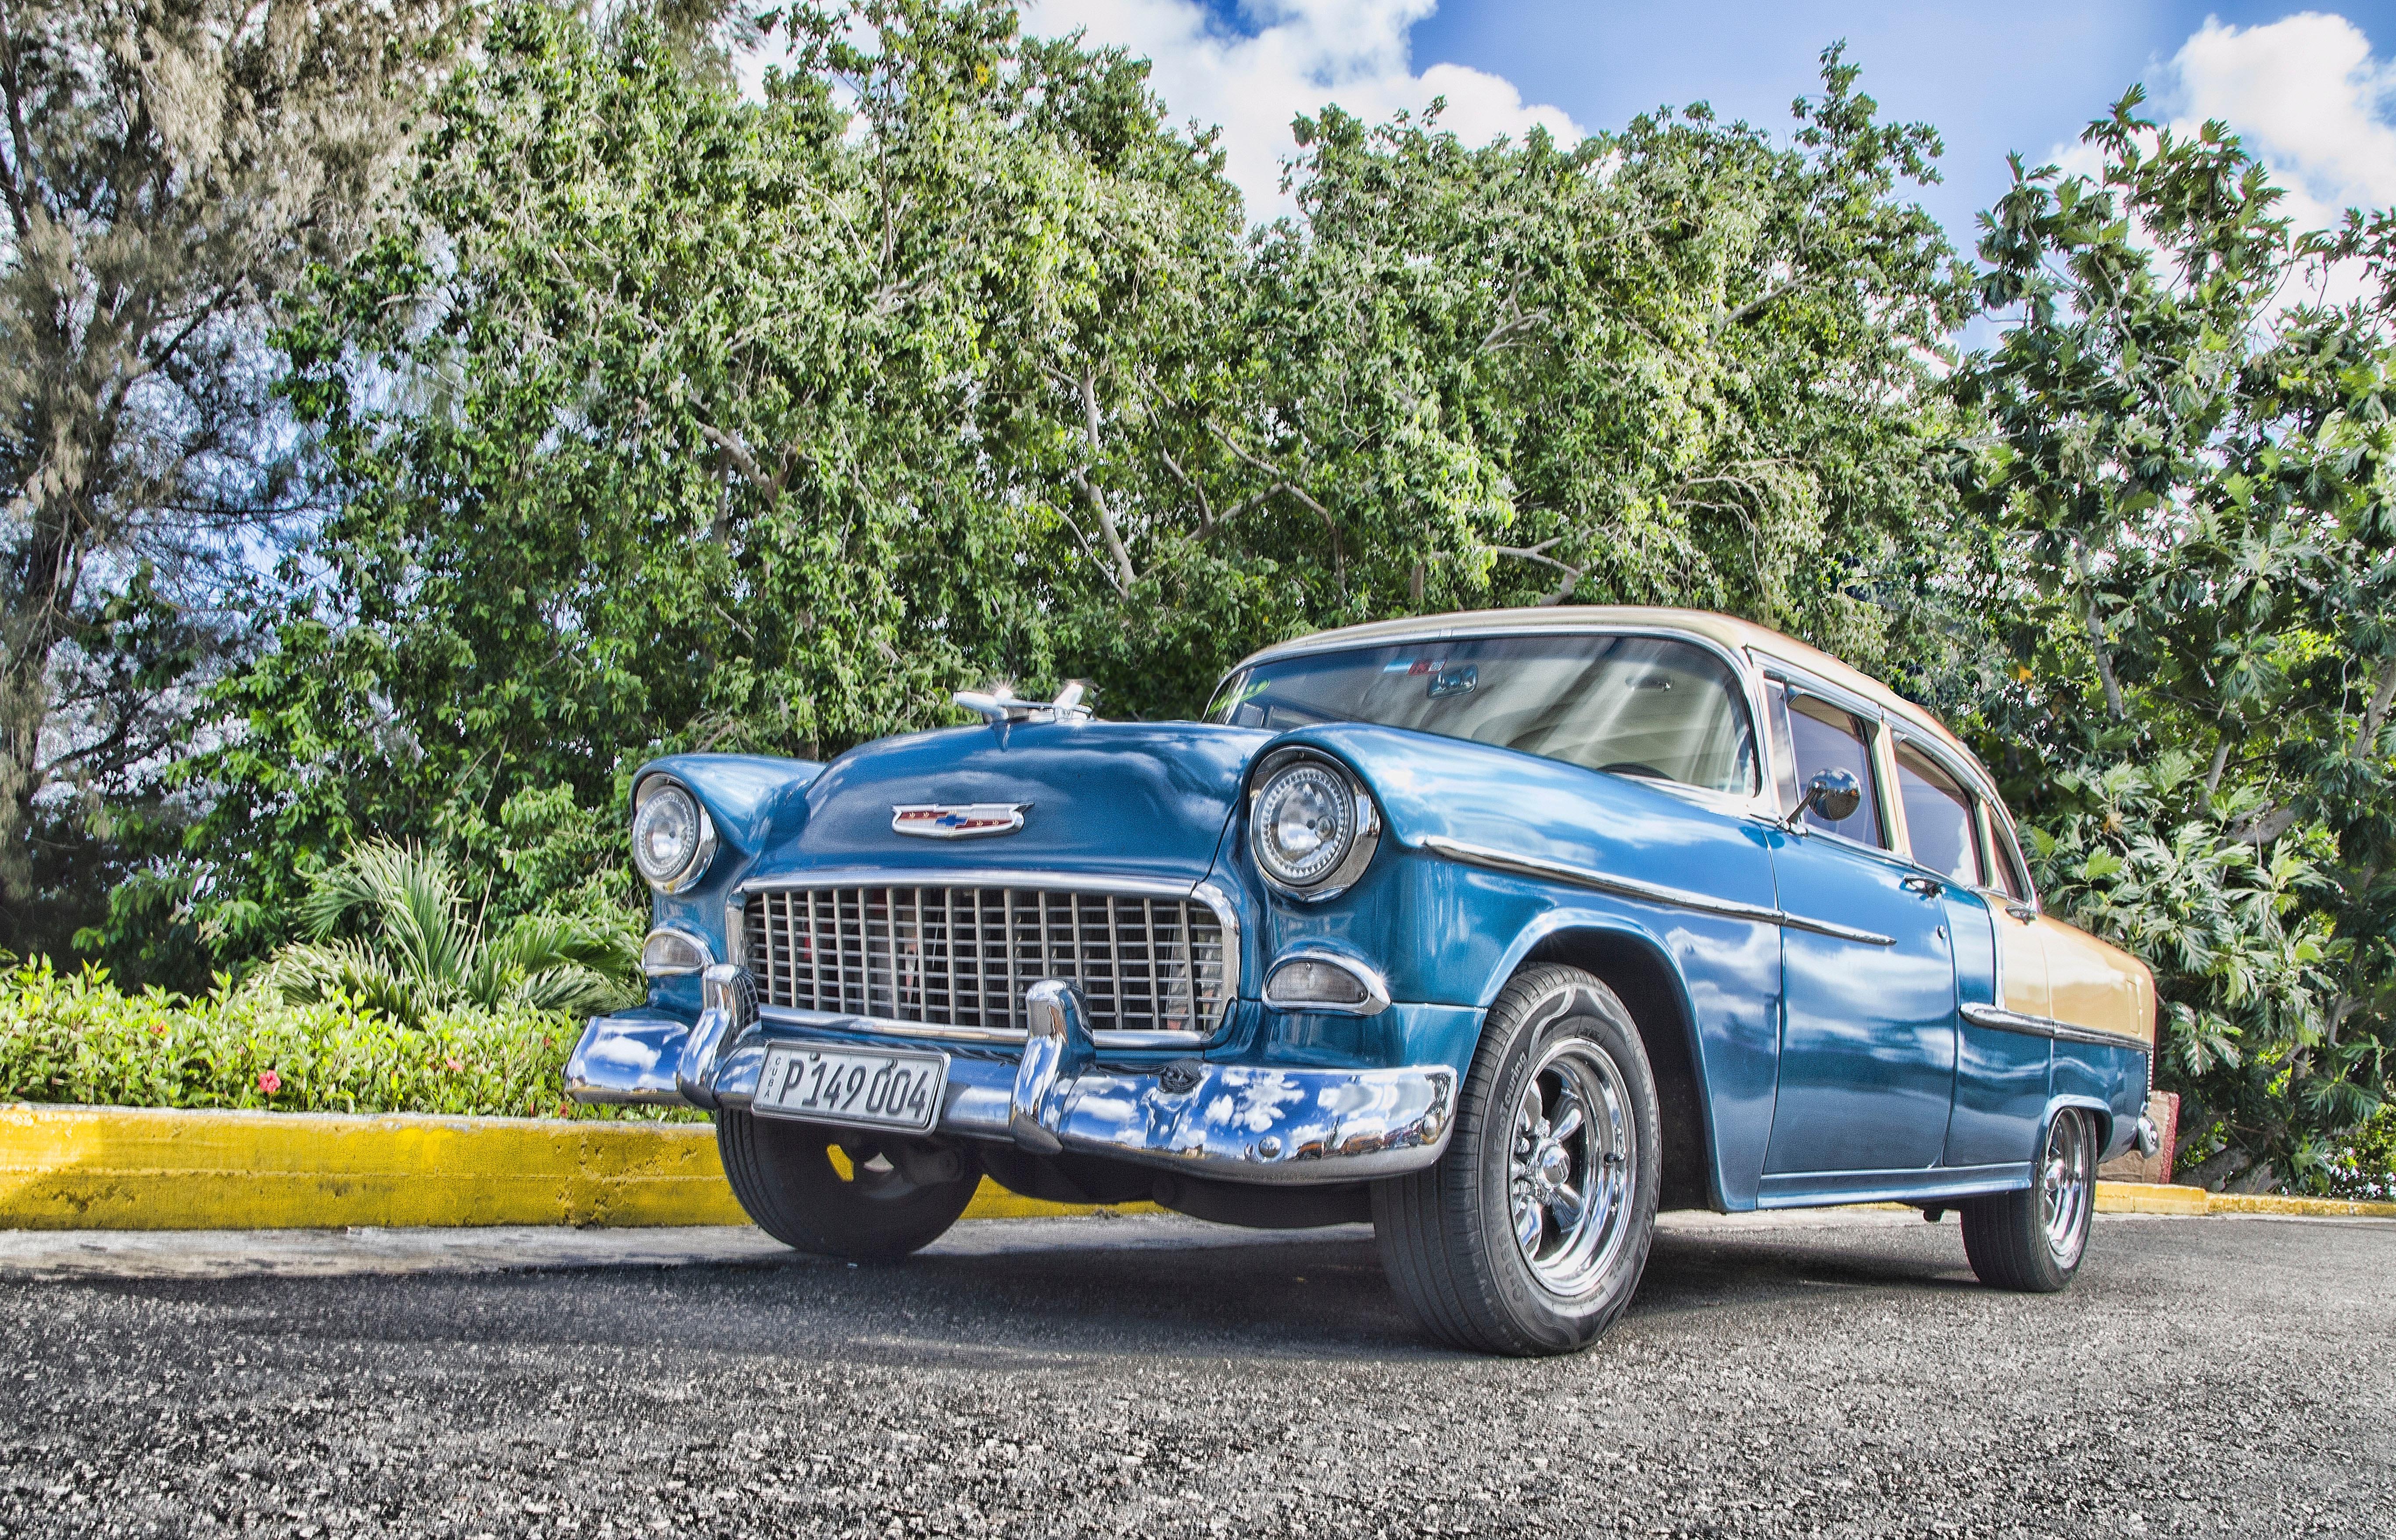 Vintage Blue Sedan, Asphalt, Park, Vintage, Vehicle, HQ Photo